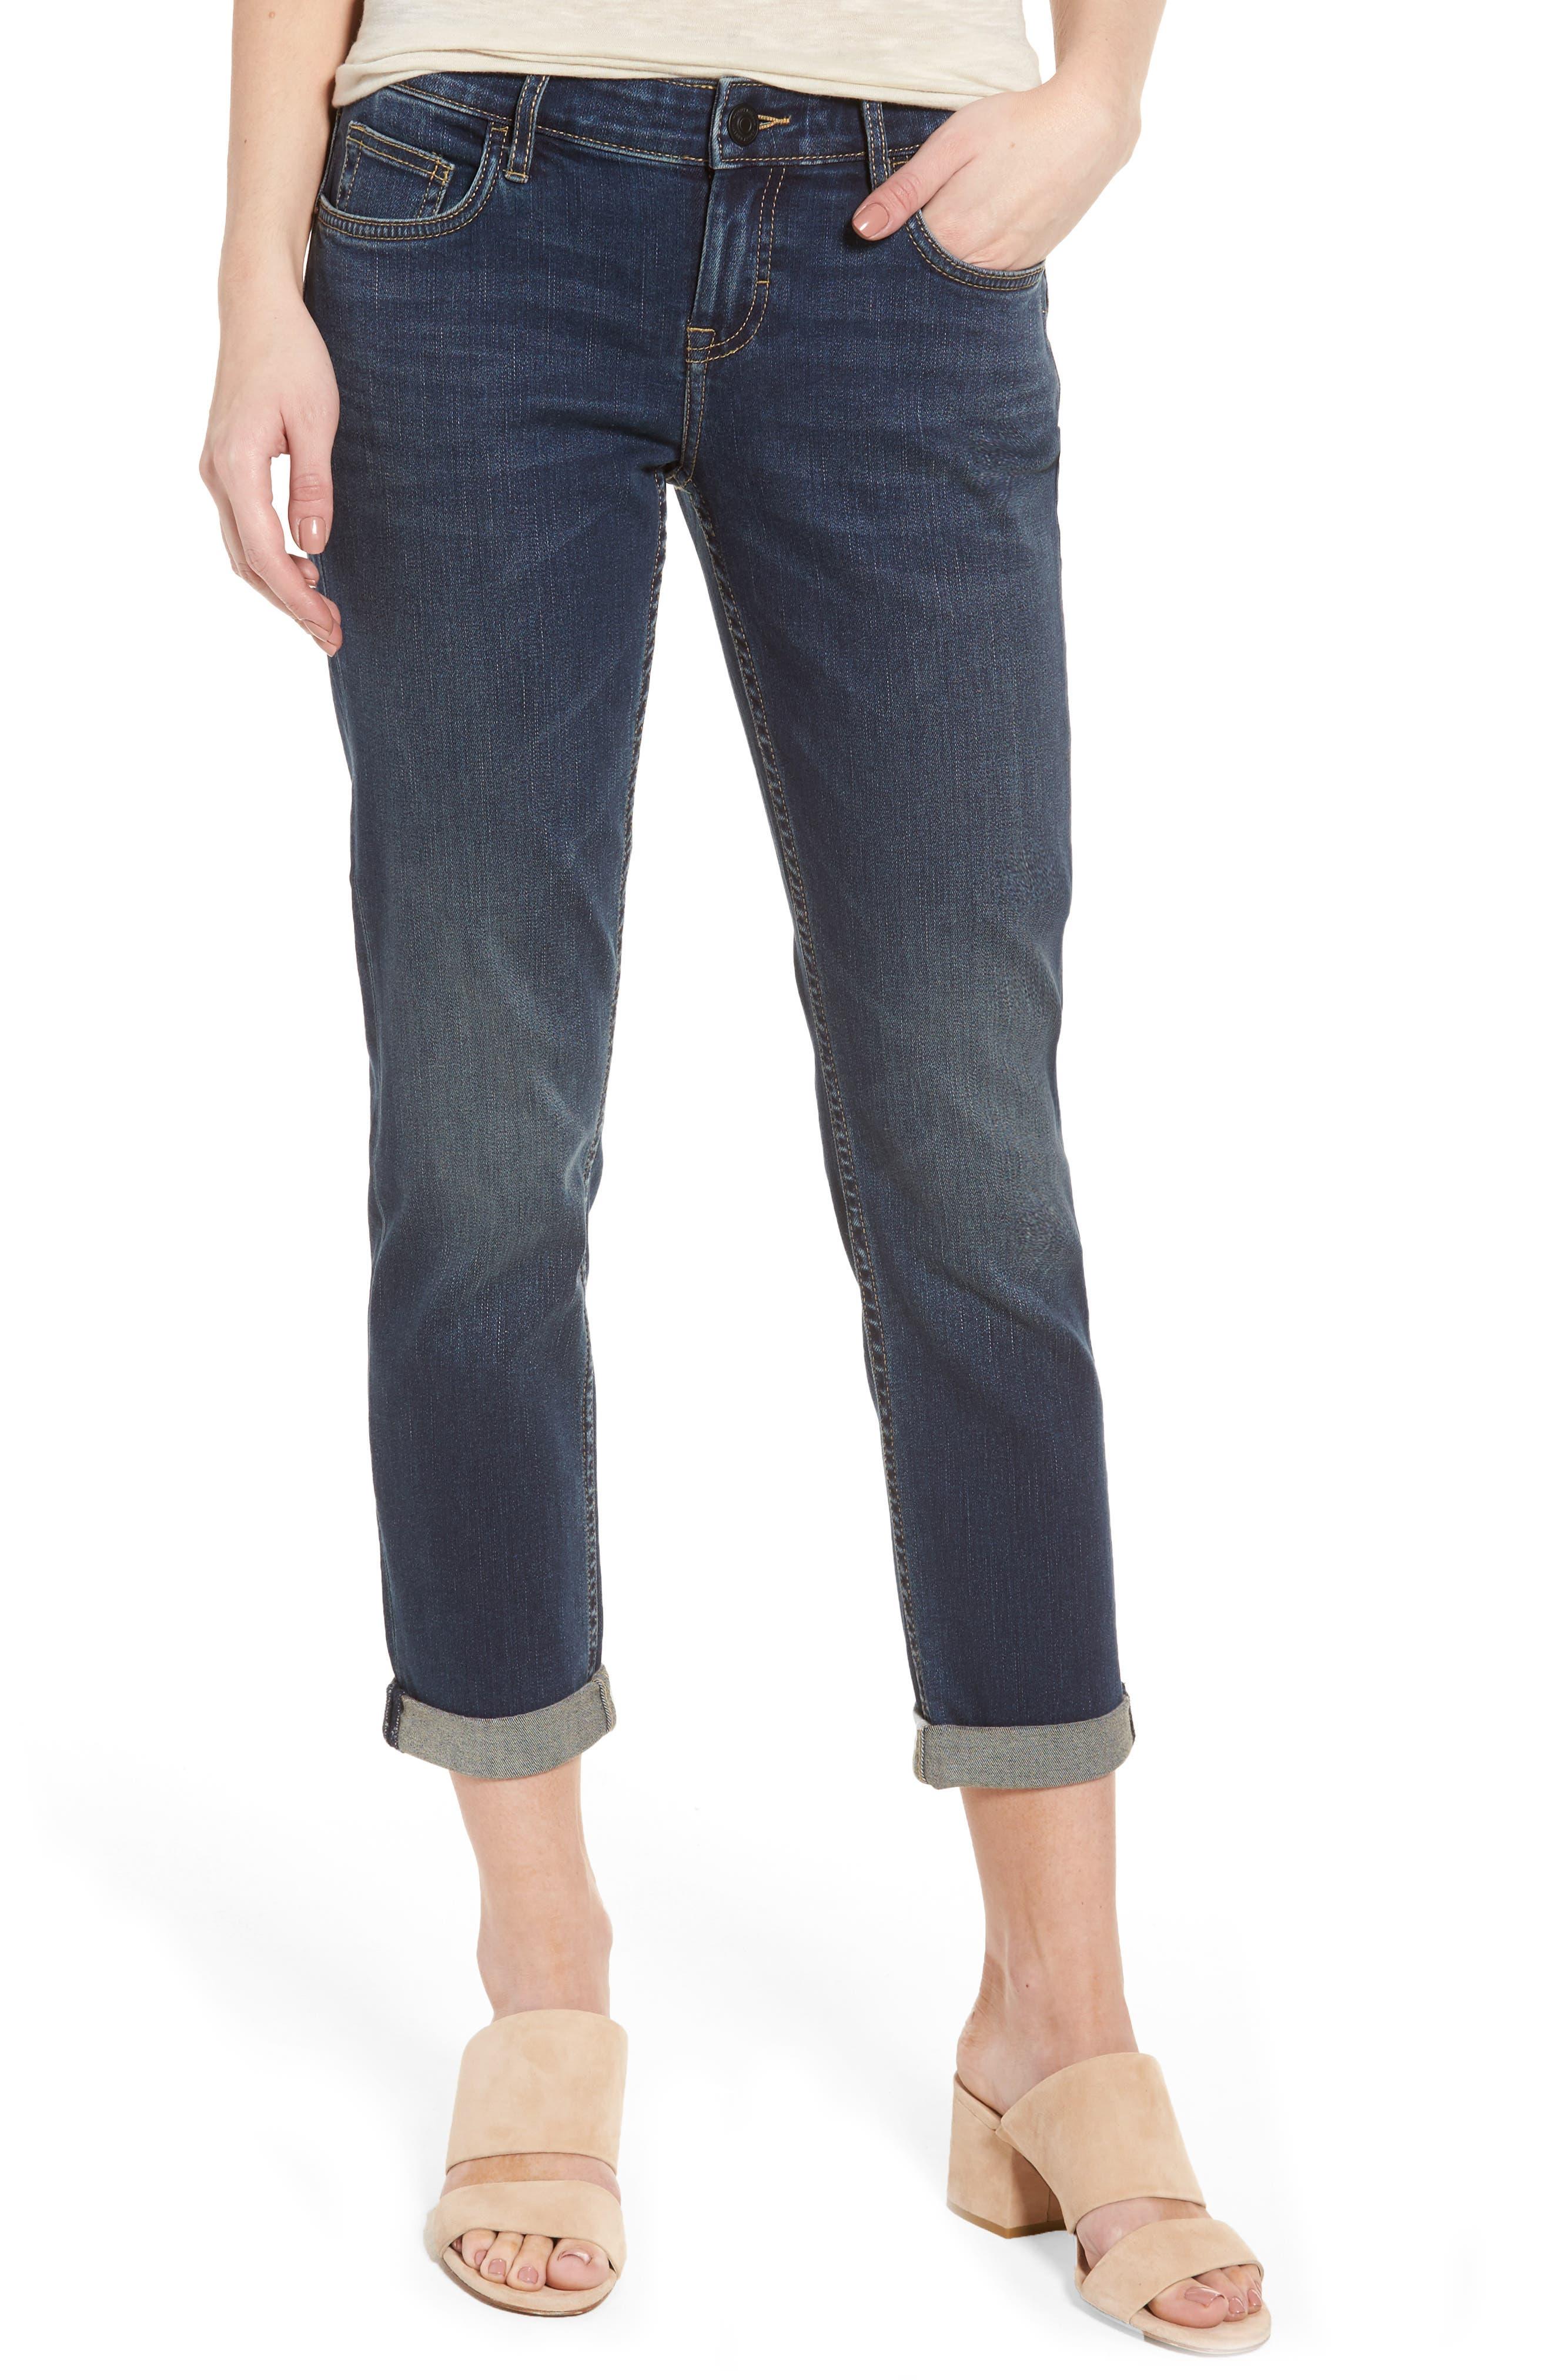 Tema Slim Boyfriend Jeans,                             Main thumbnail 1, color,                             Dark Beach Wash